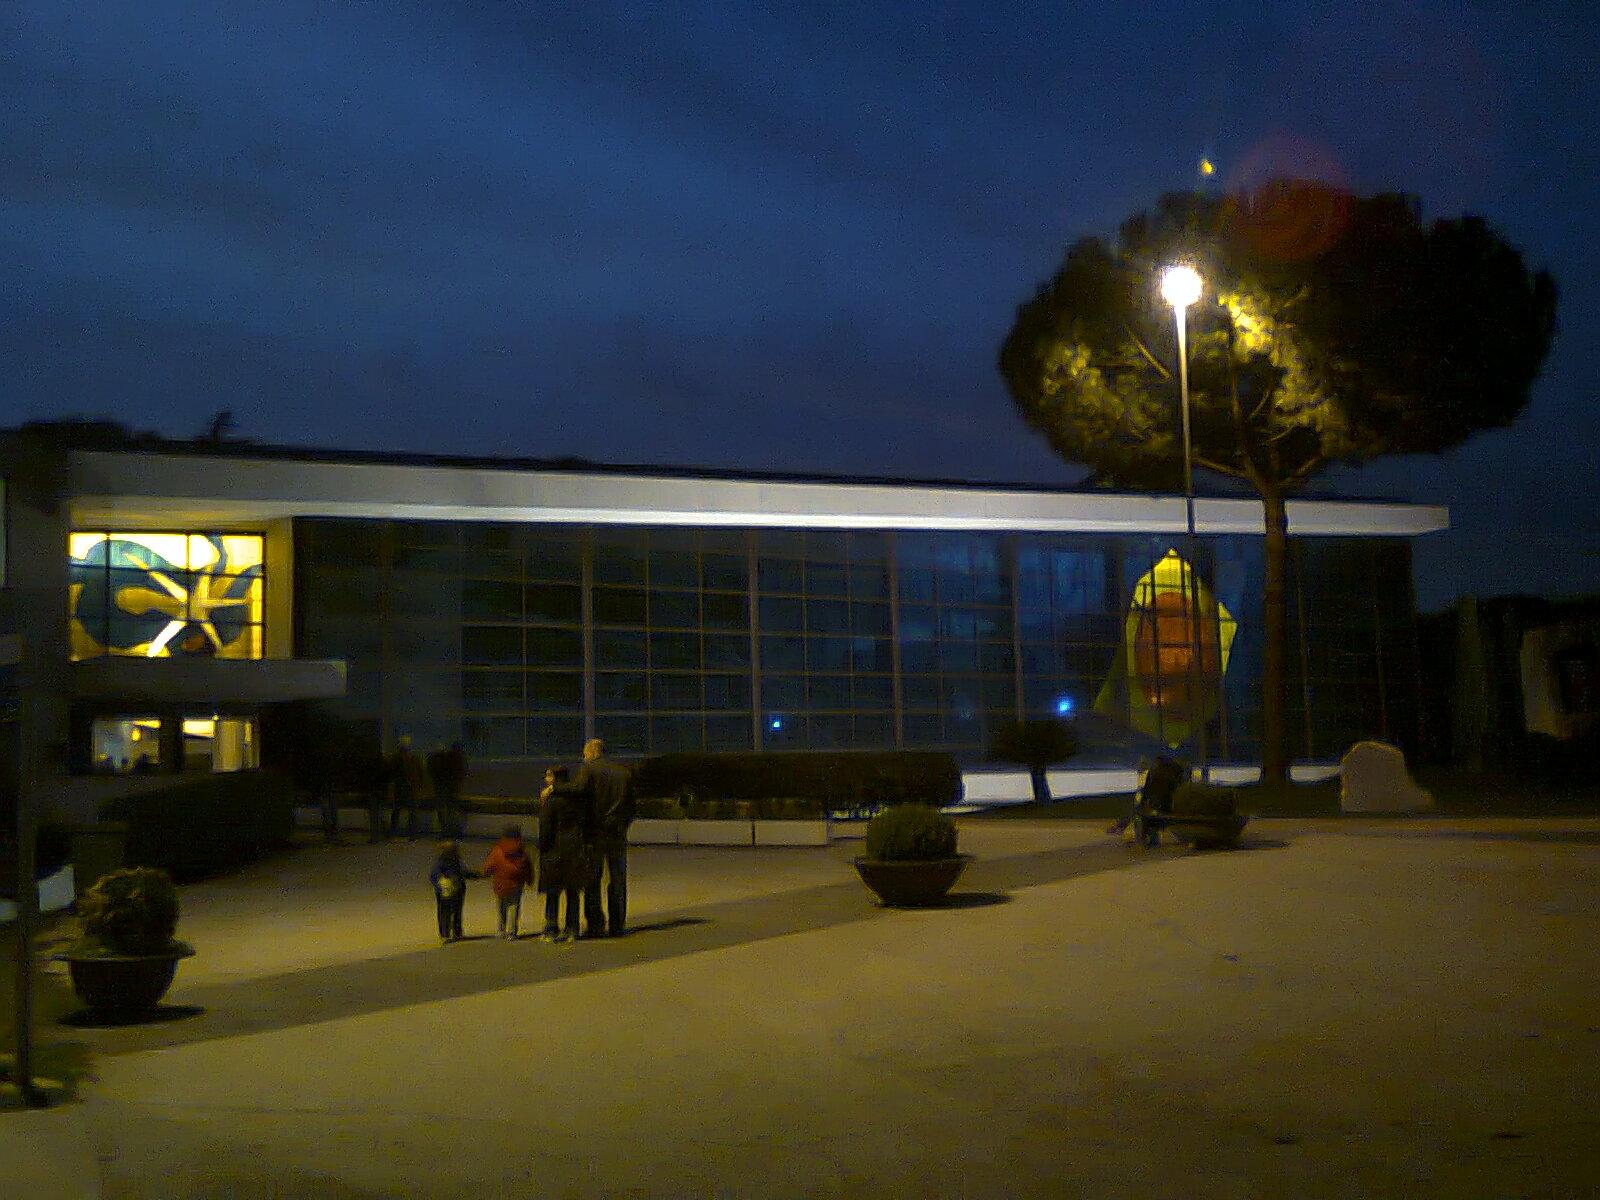 In bici per roma oltre la notte arte sacra contemporanea for Raccordo casa contemporanea